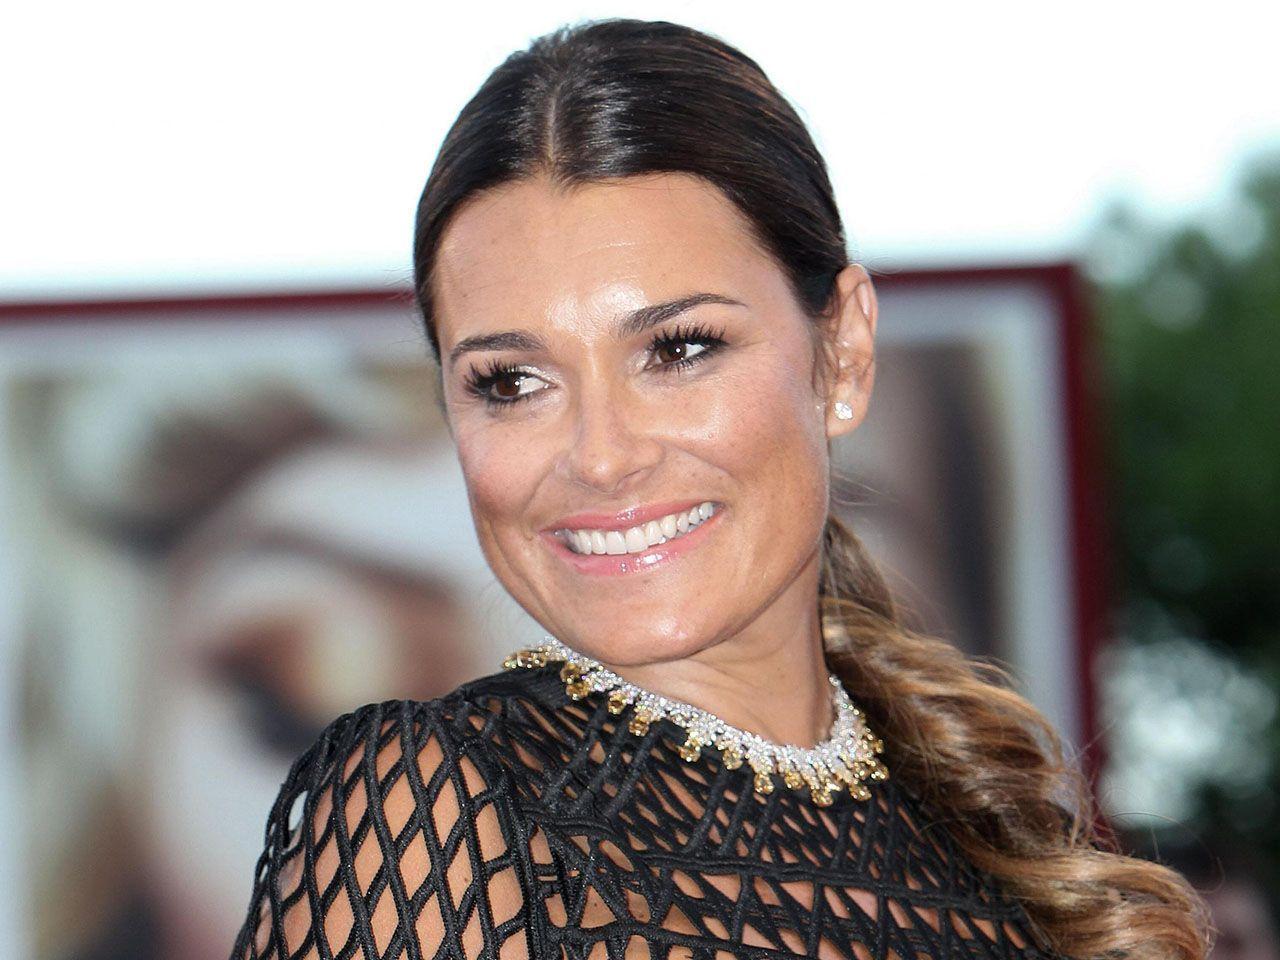 Alena Seredova: 'Buffon e la D'Amico? Avrei preferito scoprirlo da lui, non dai giornali'